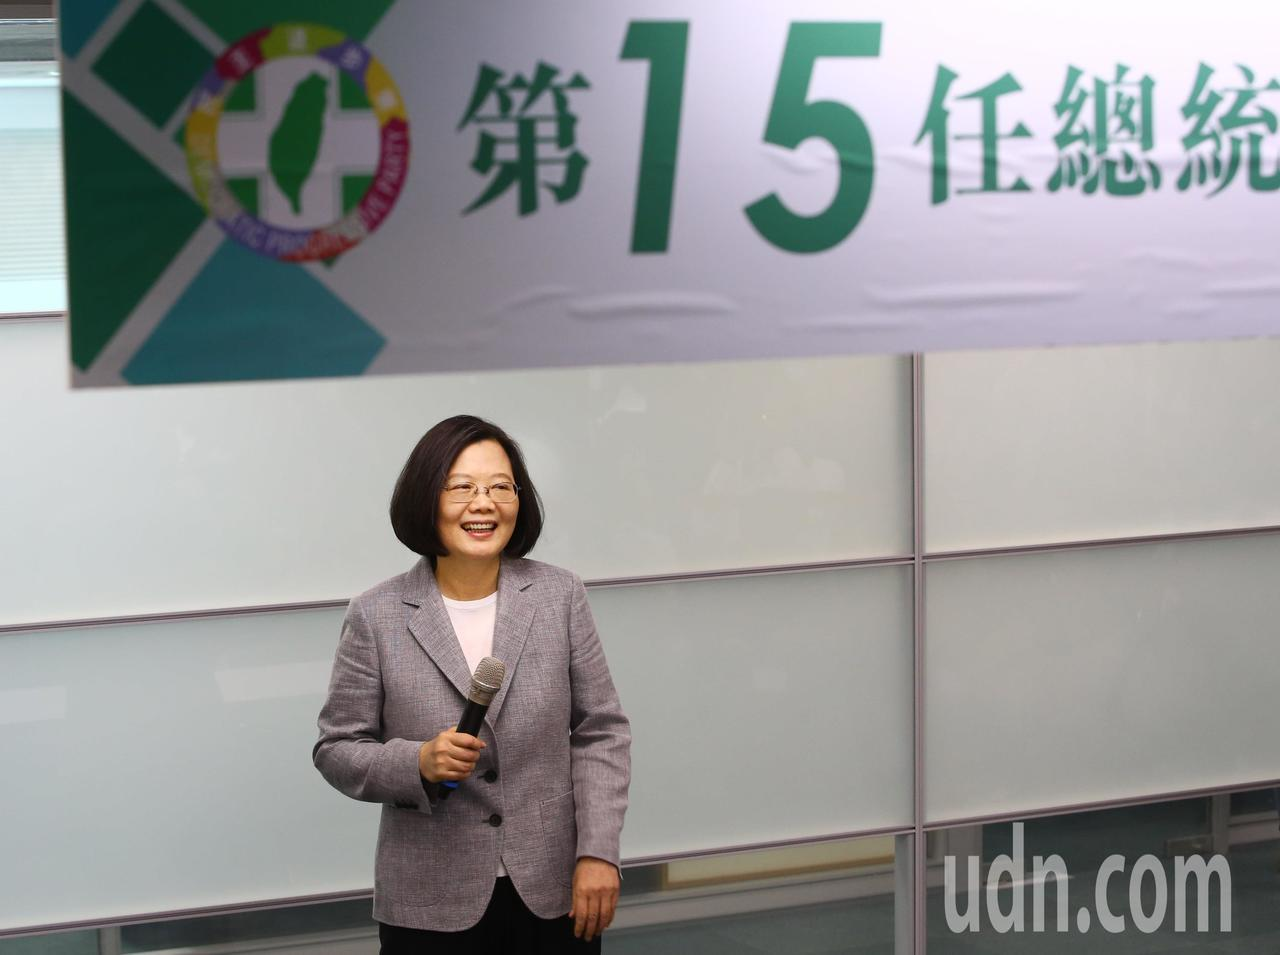 「台灣需要我!」蔡總統拚連任 登記民進黨總統初選